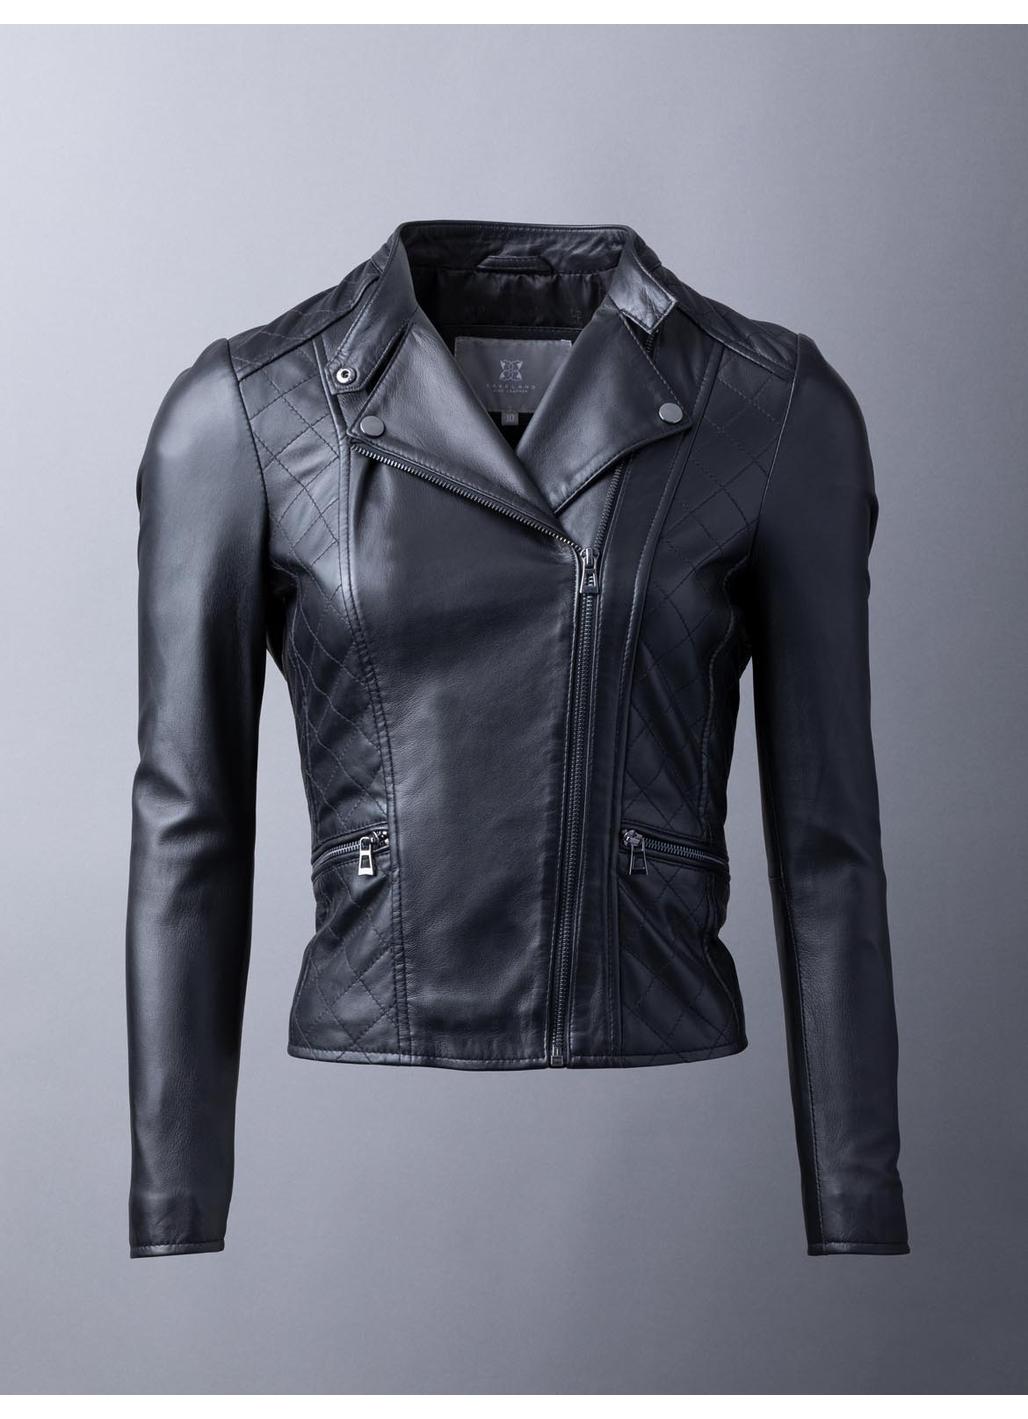 Penny Leather Biker Jacket in Black